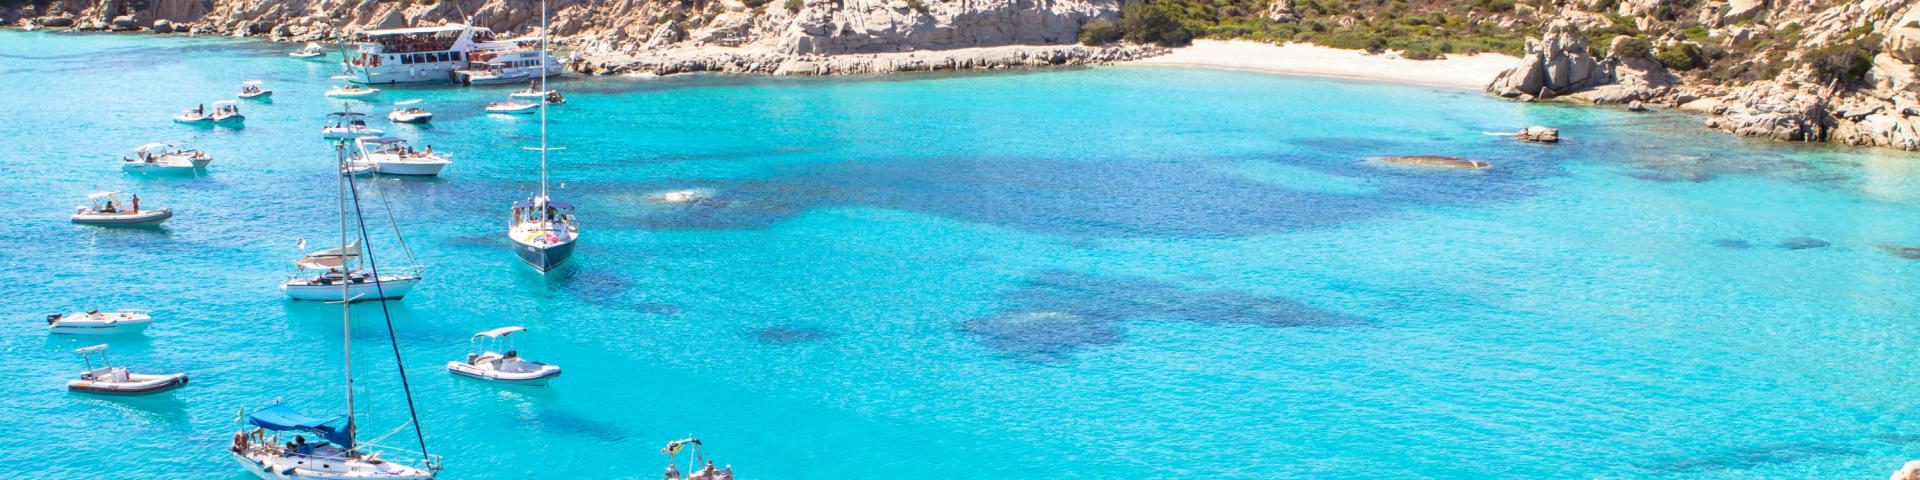 Aktivurlaub auf Sardinien